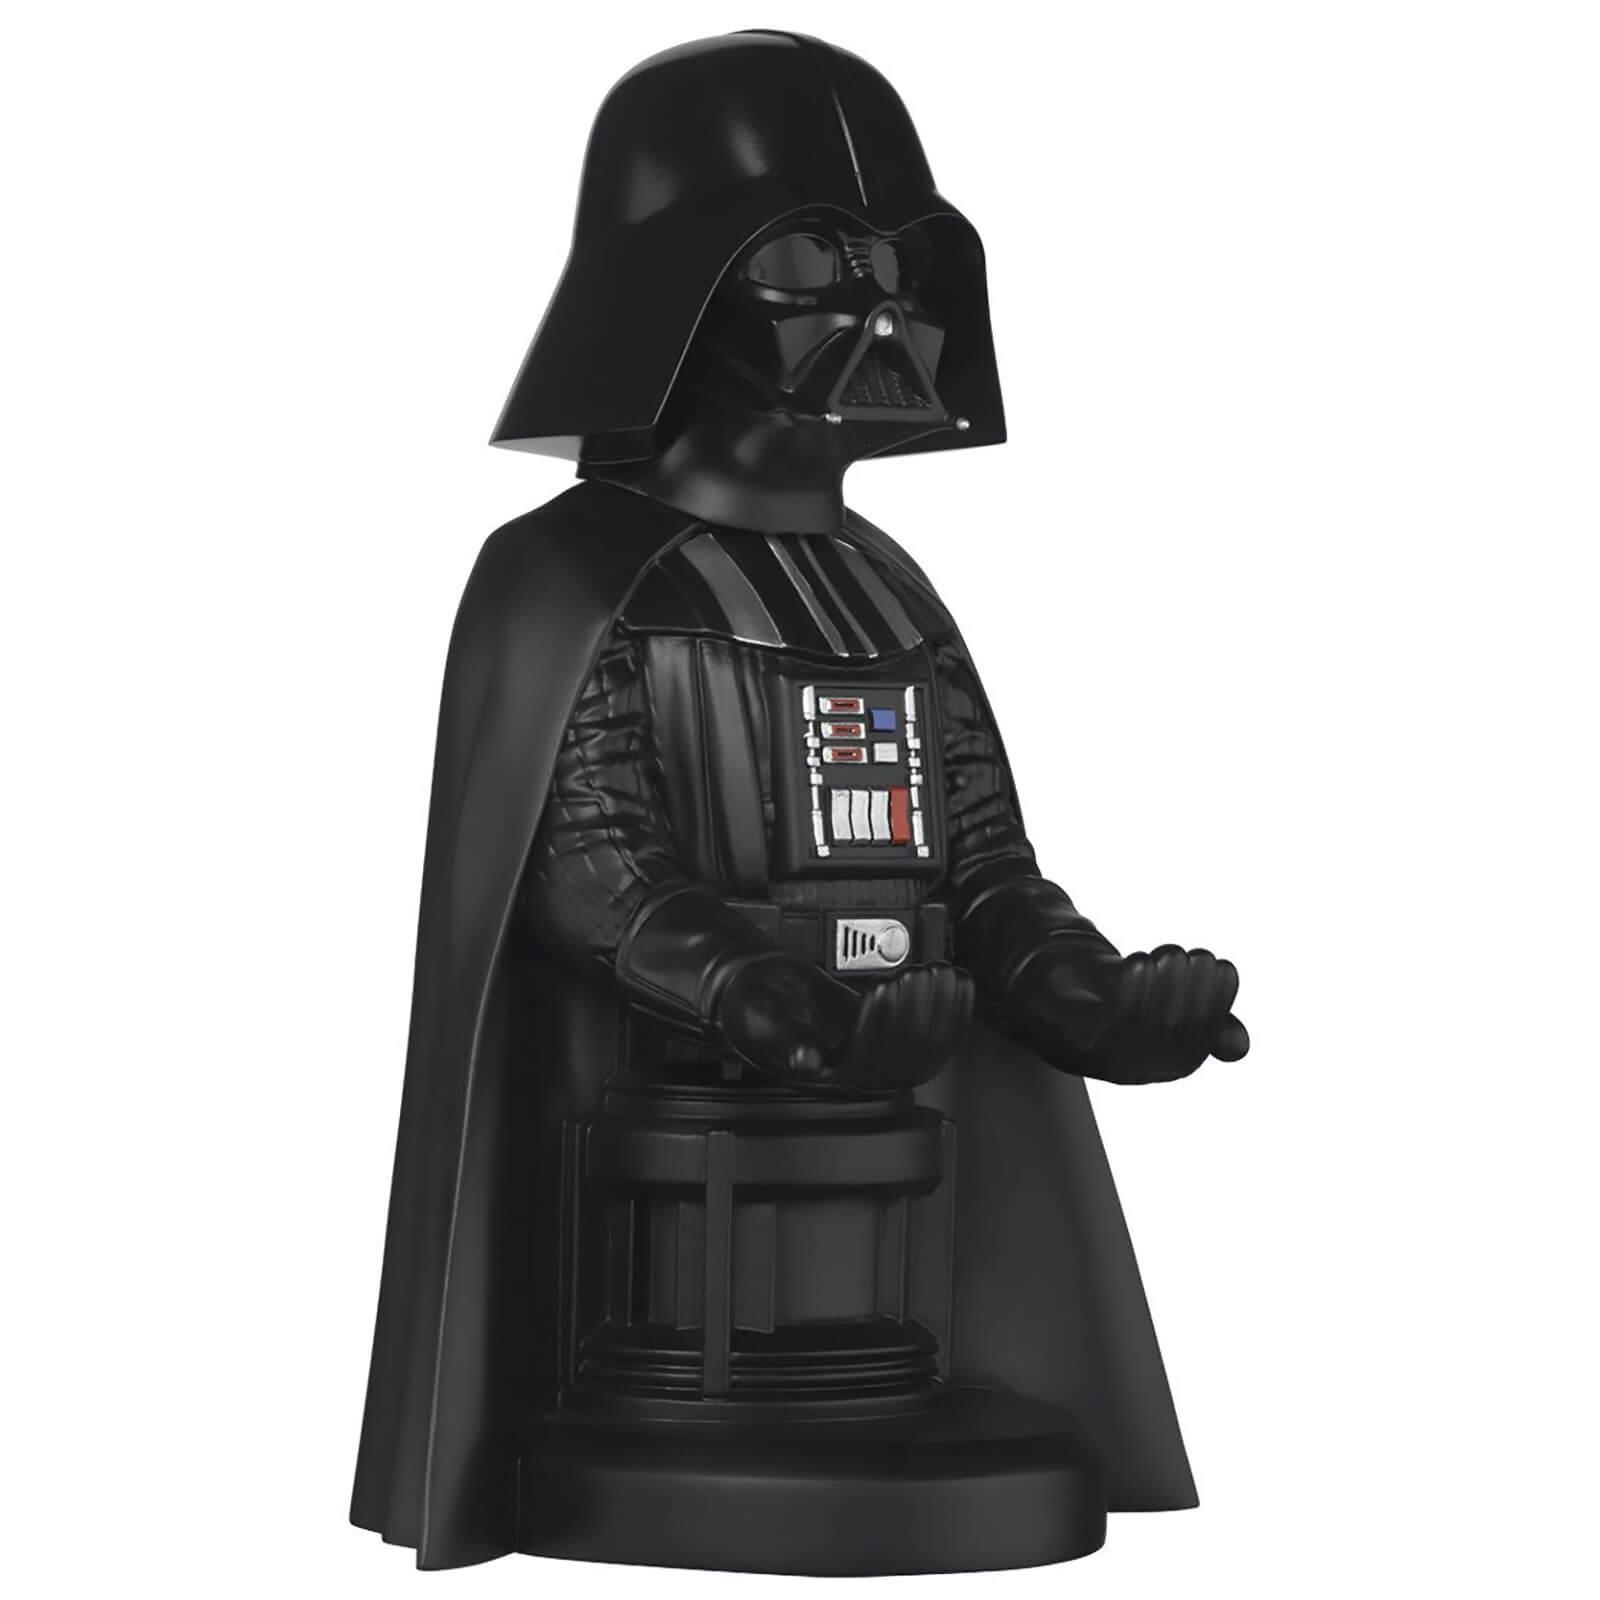 20% Rabatt + Gratisversand auf Cable Guys: z.B. Darth Vader für 16,79€ (insgesamt 10 verschiedene Figuren)